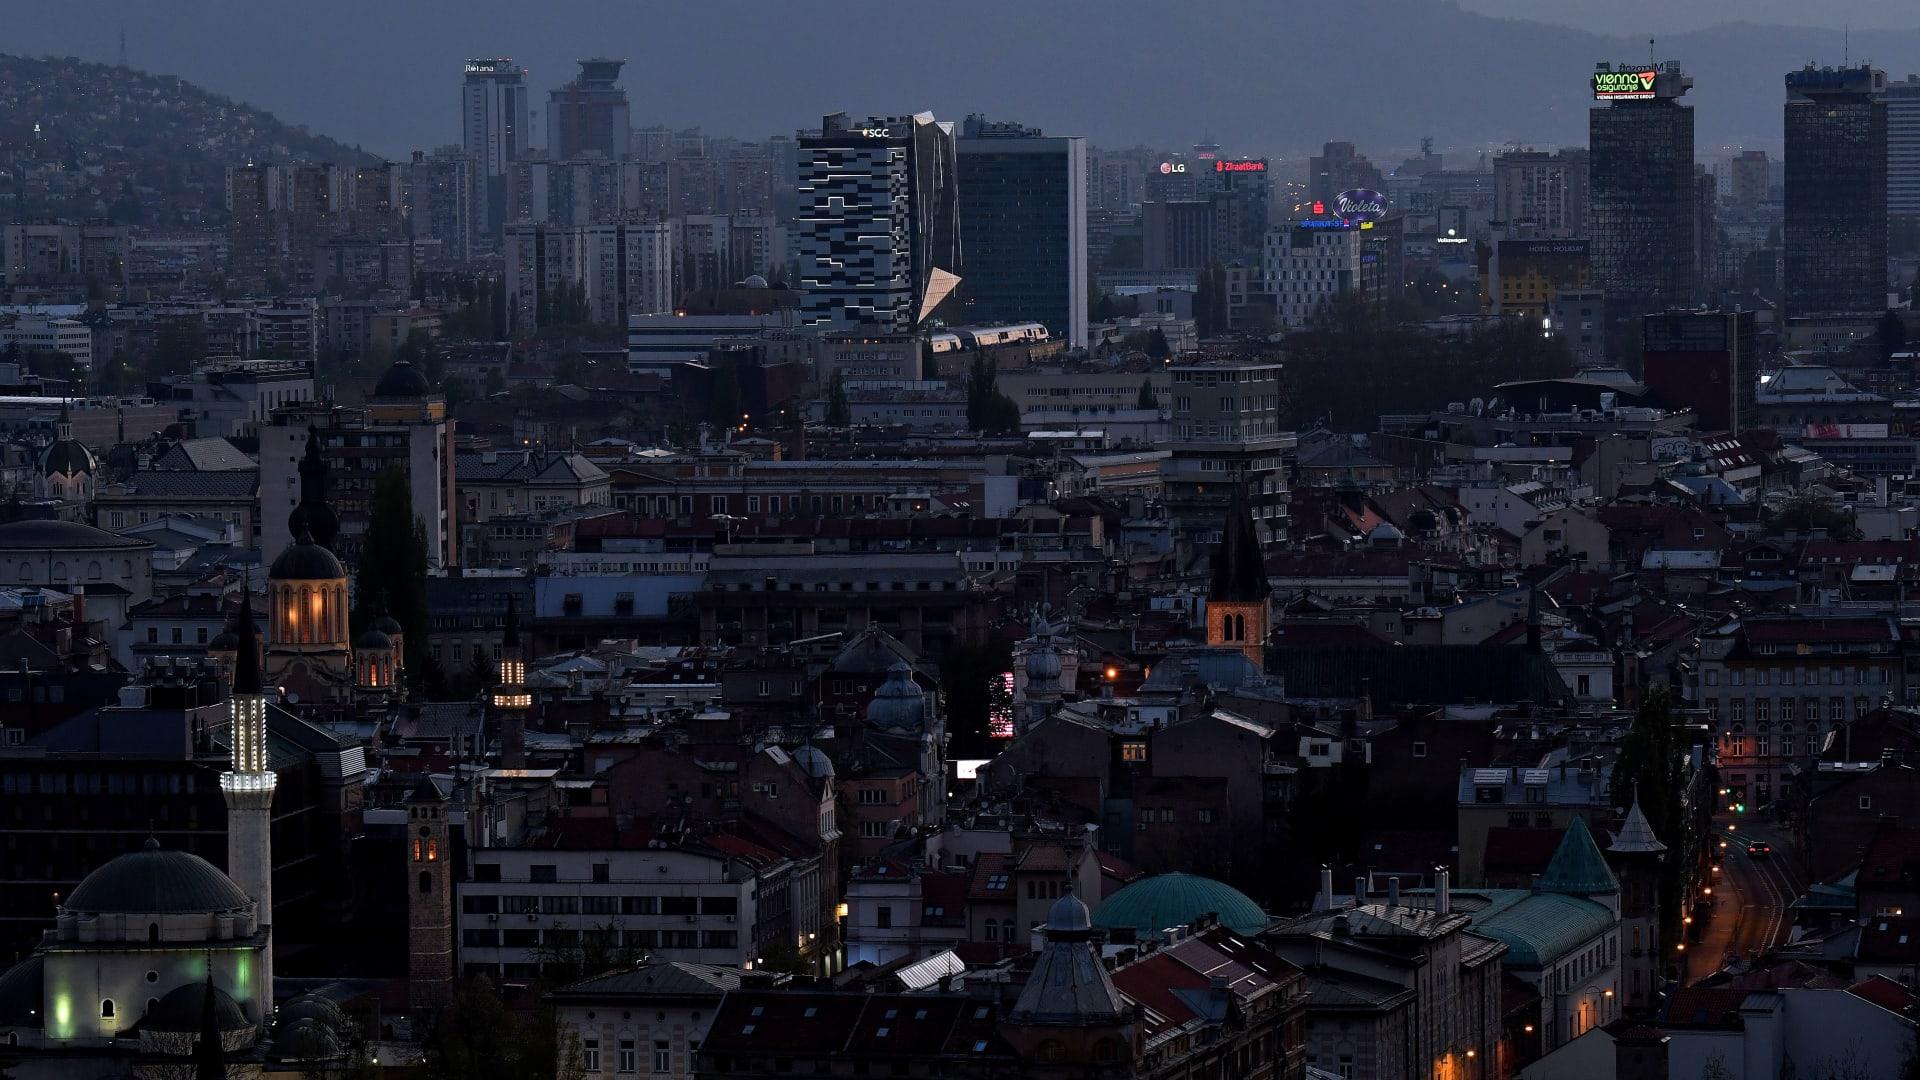 استمر حصار سراييفو لسنوات.. والآن معركة المدينة مستمرة مع كورونا بلا نهاية تلوح في الأفق